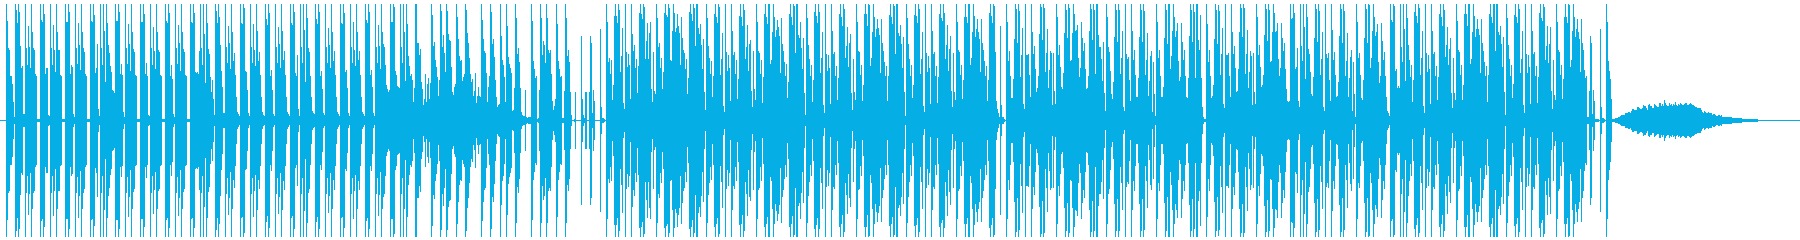 無機質で硬質なダブステップBGMの再生済みの波形